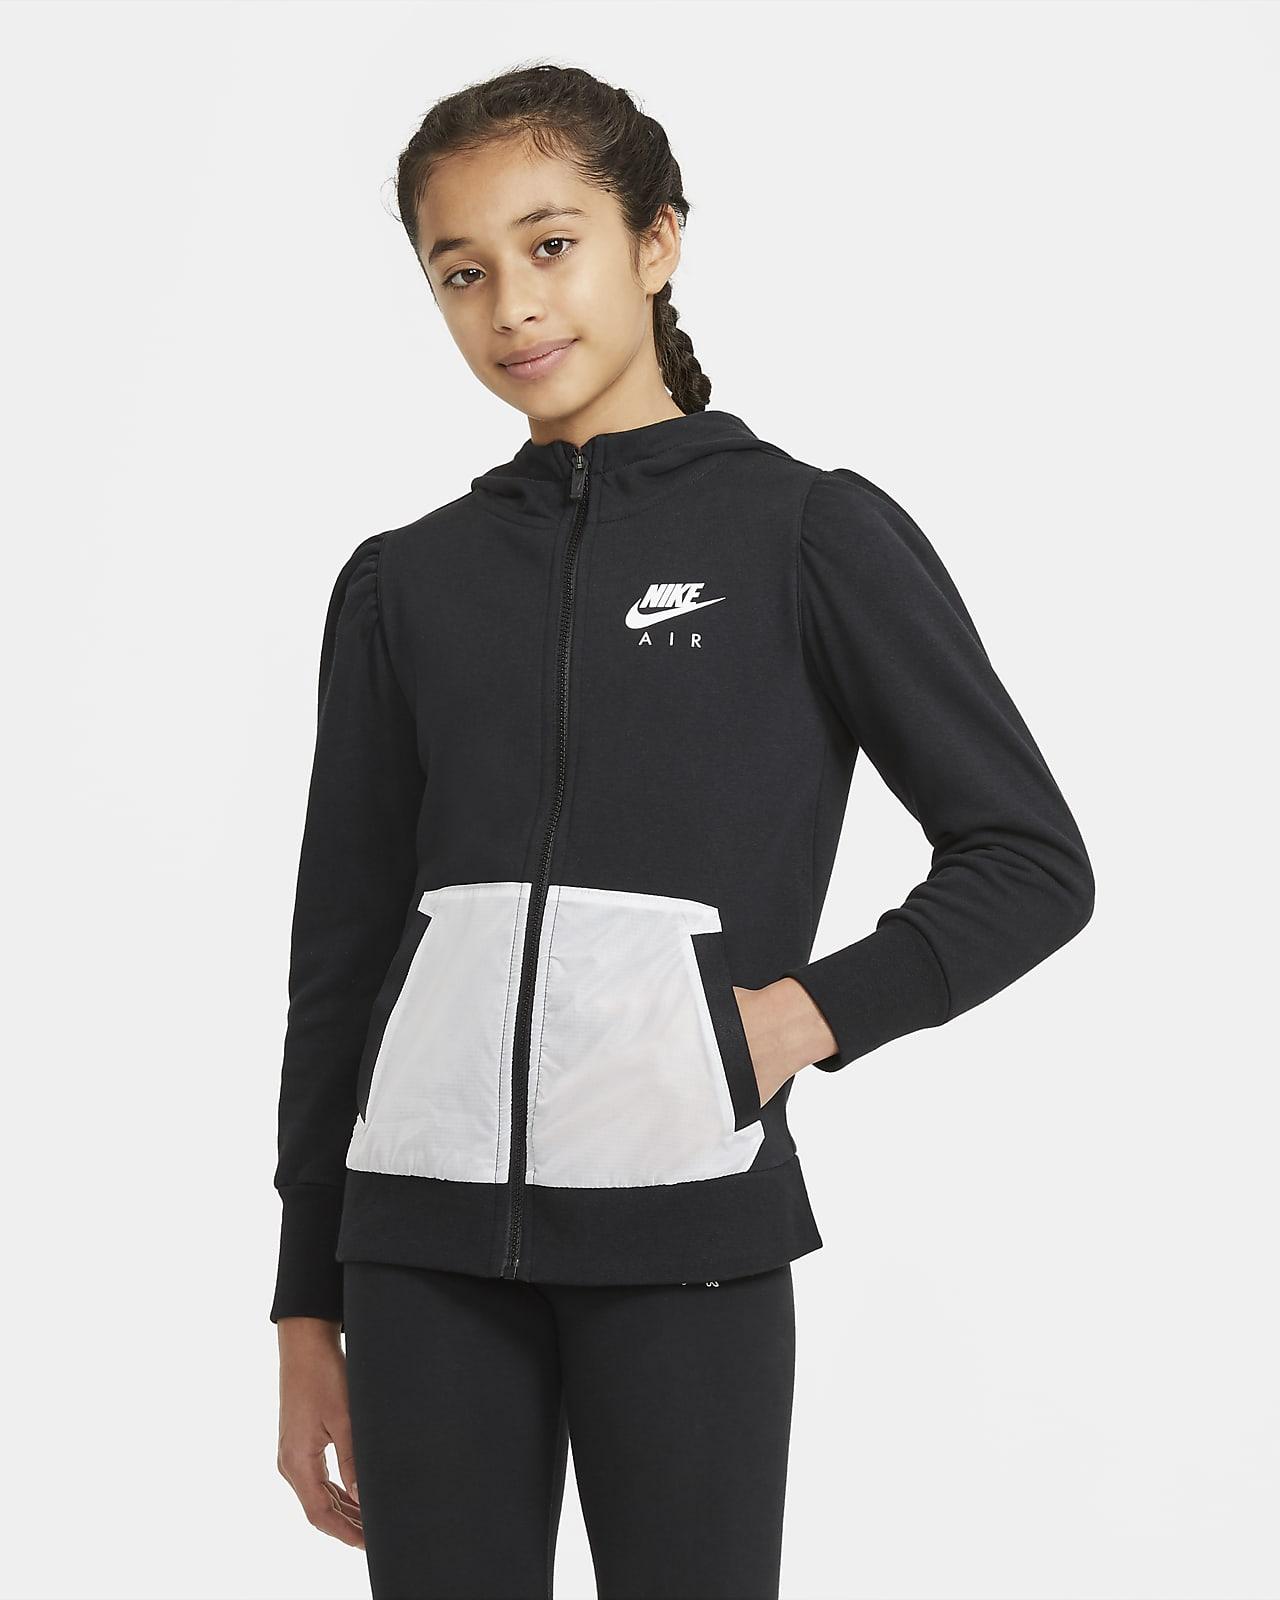 Nike Air French-Terry-Hoodie mit durchgehendem Reißverschluss für ältere Kinder (Mädchen)